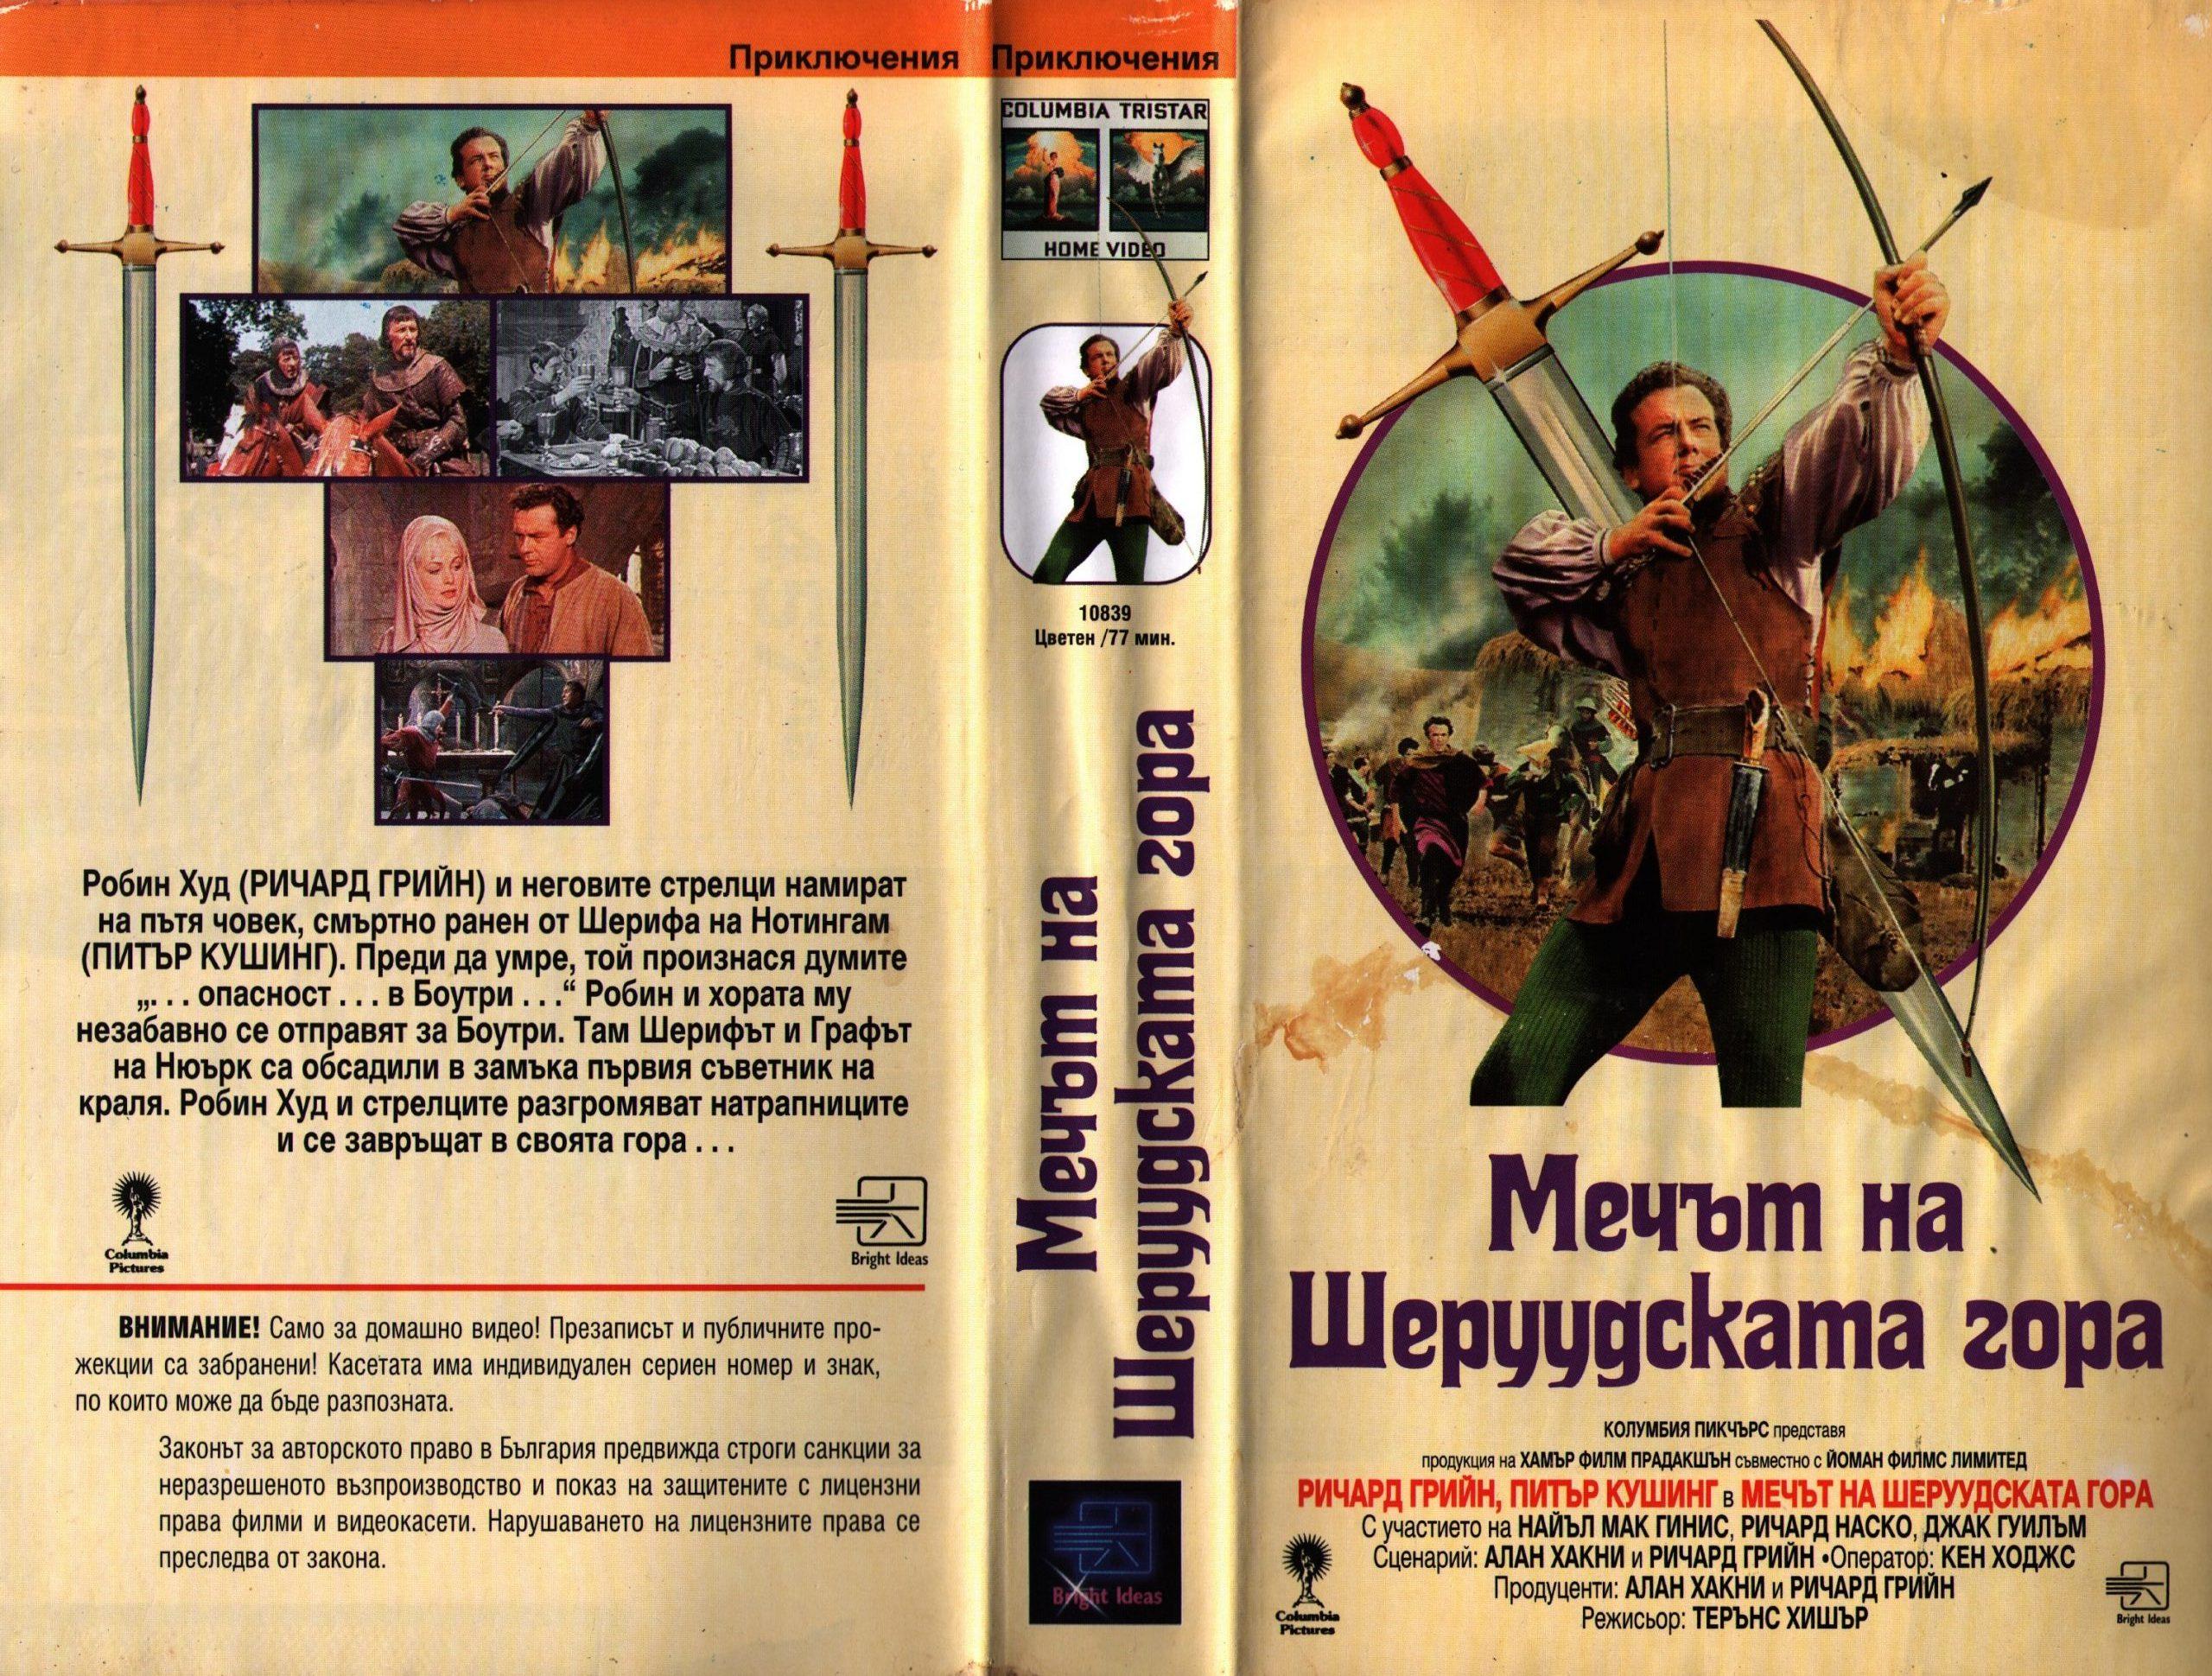 Мечът на шеруудската гора филм